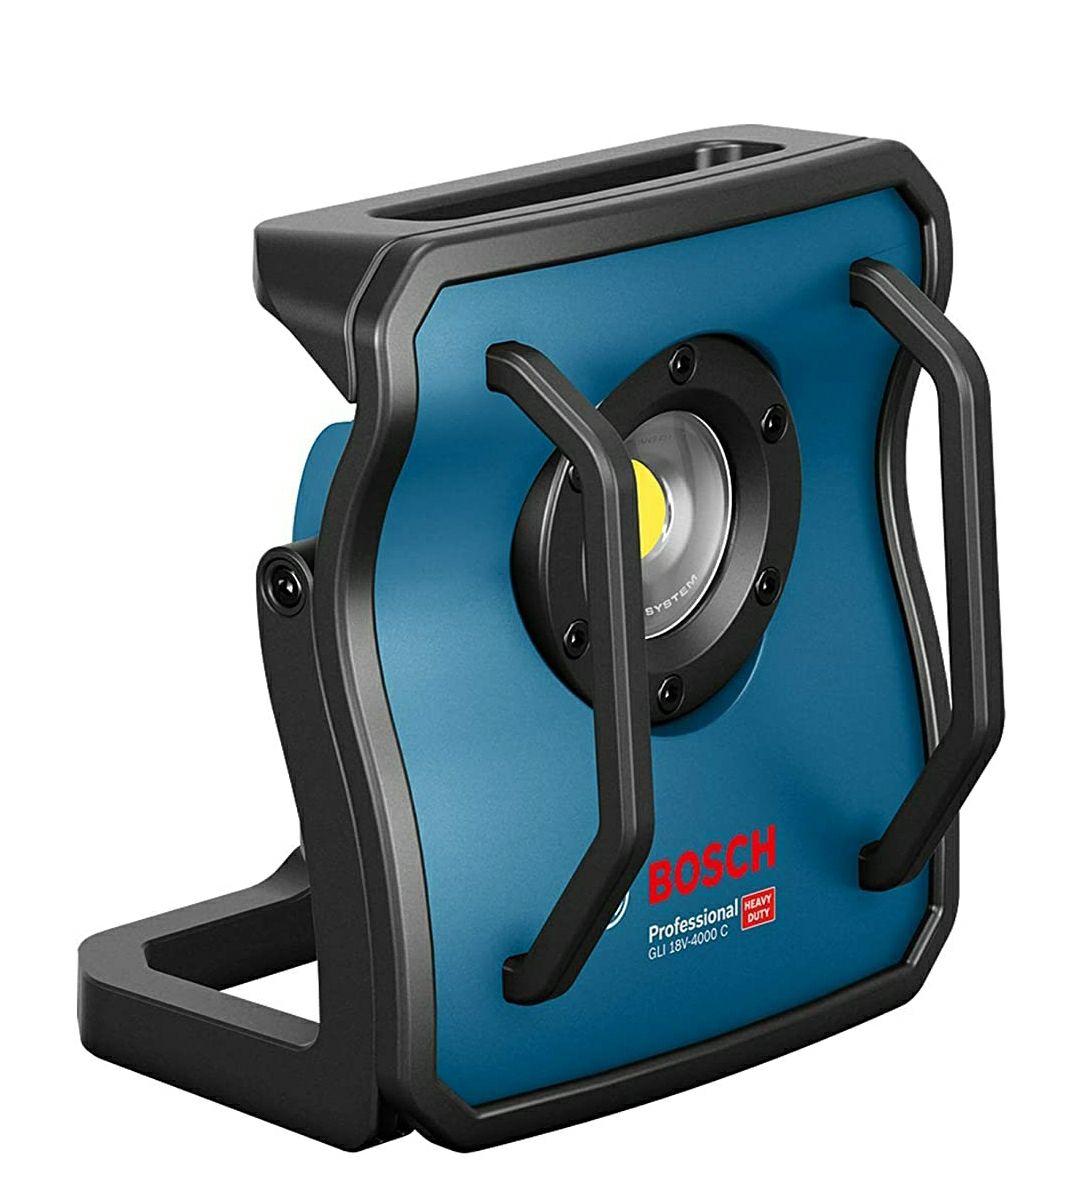 Bosch Professional 18V System Akku Baustrahler GLI 18V-4000 C (Leuchtstärke: 4.000 lm, ohne Akku und Ladegerät, im Karton)